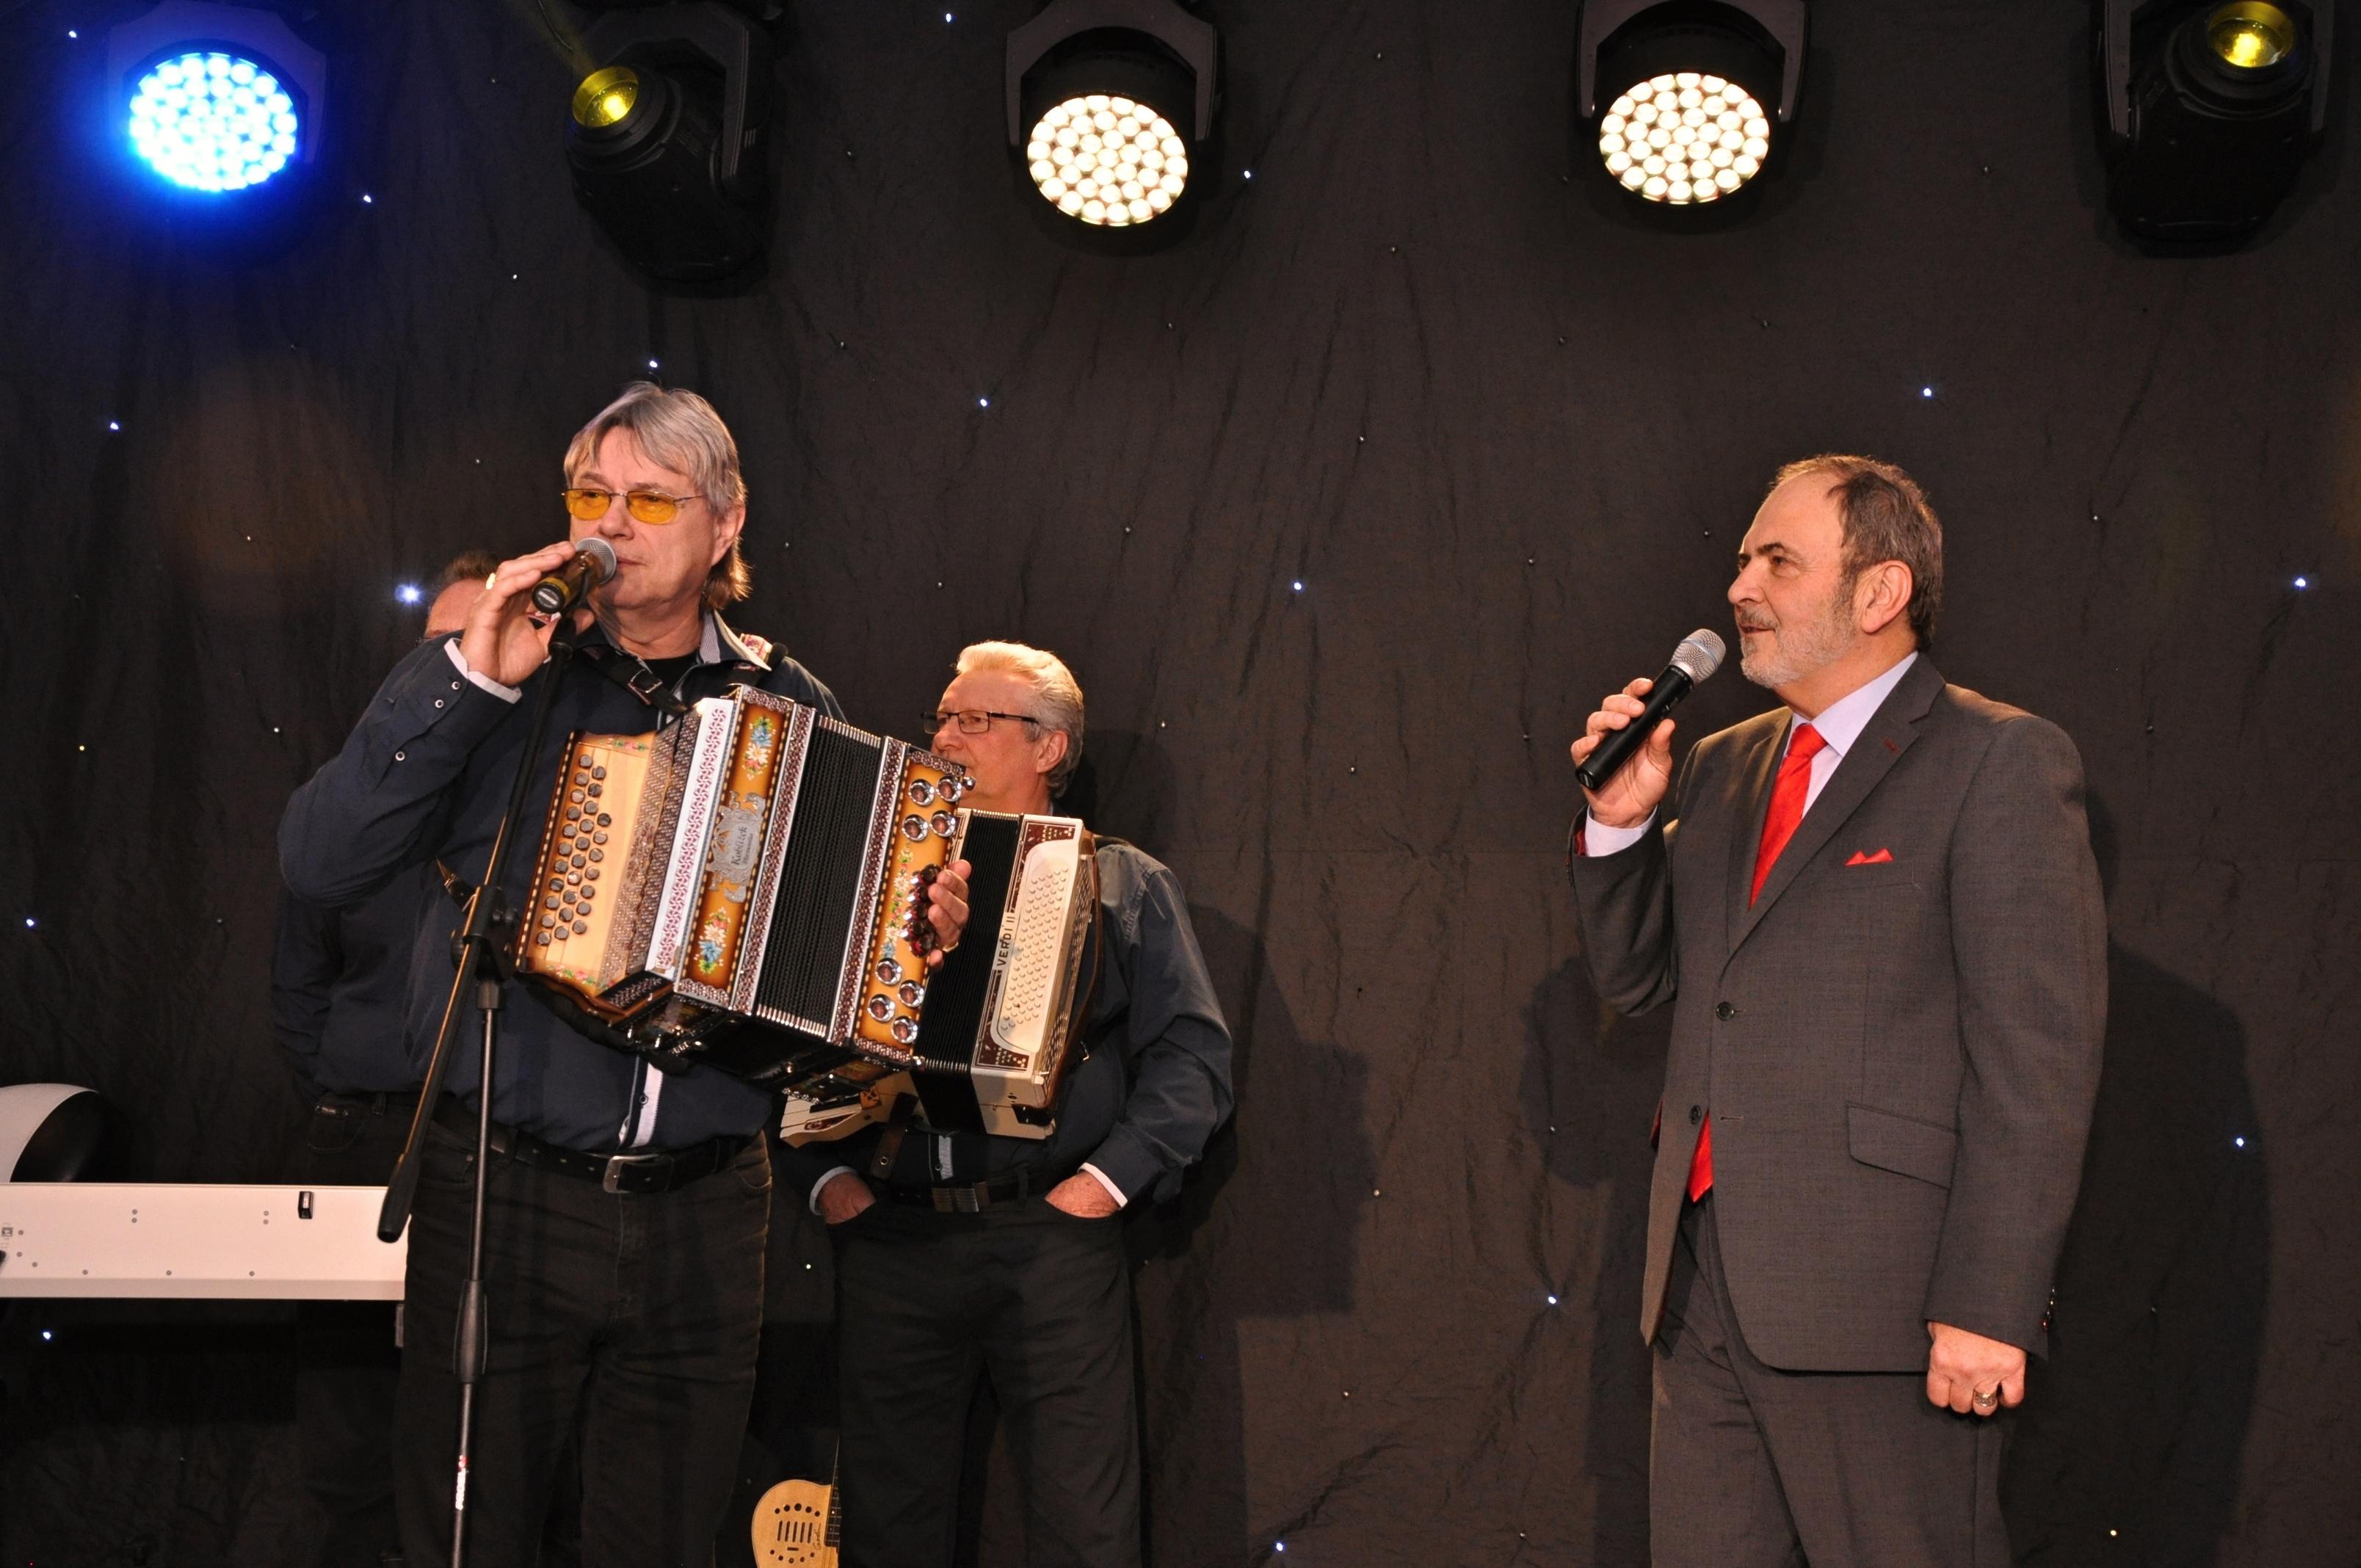 Petr_Průša_Photo470